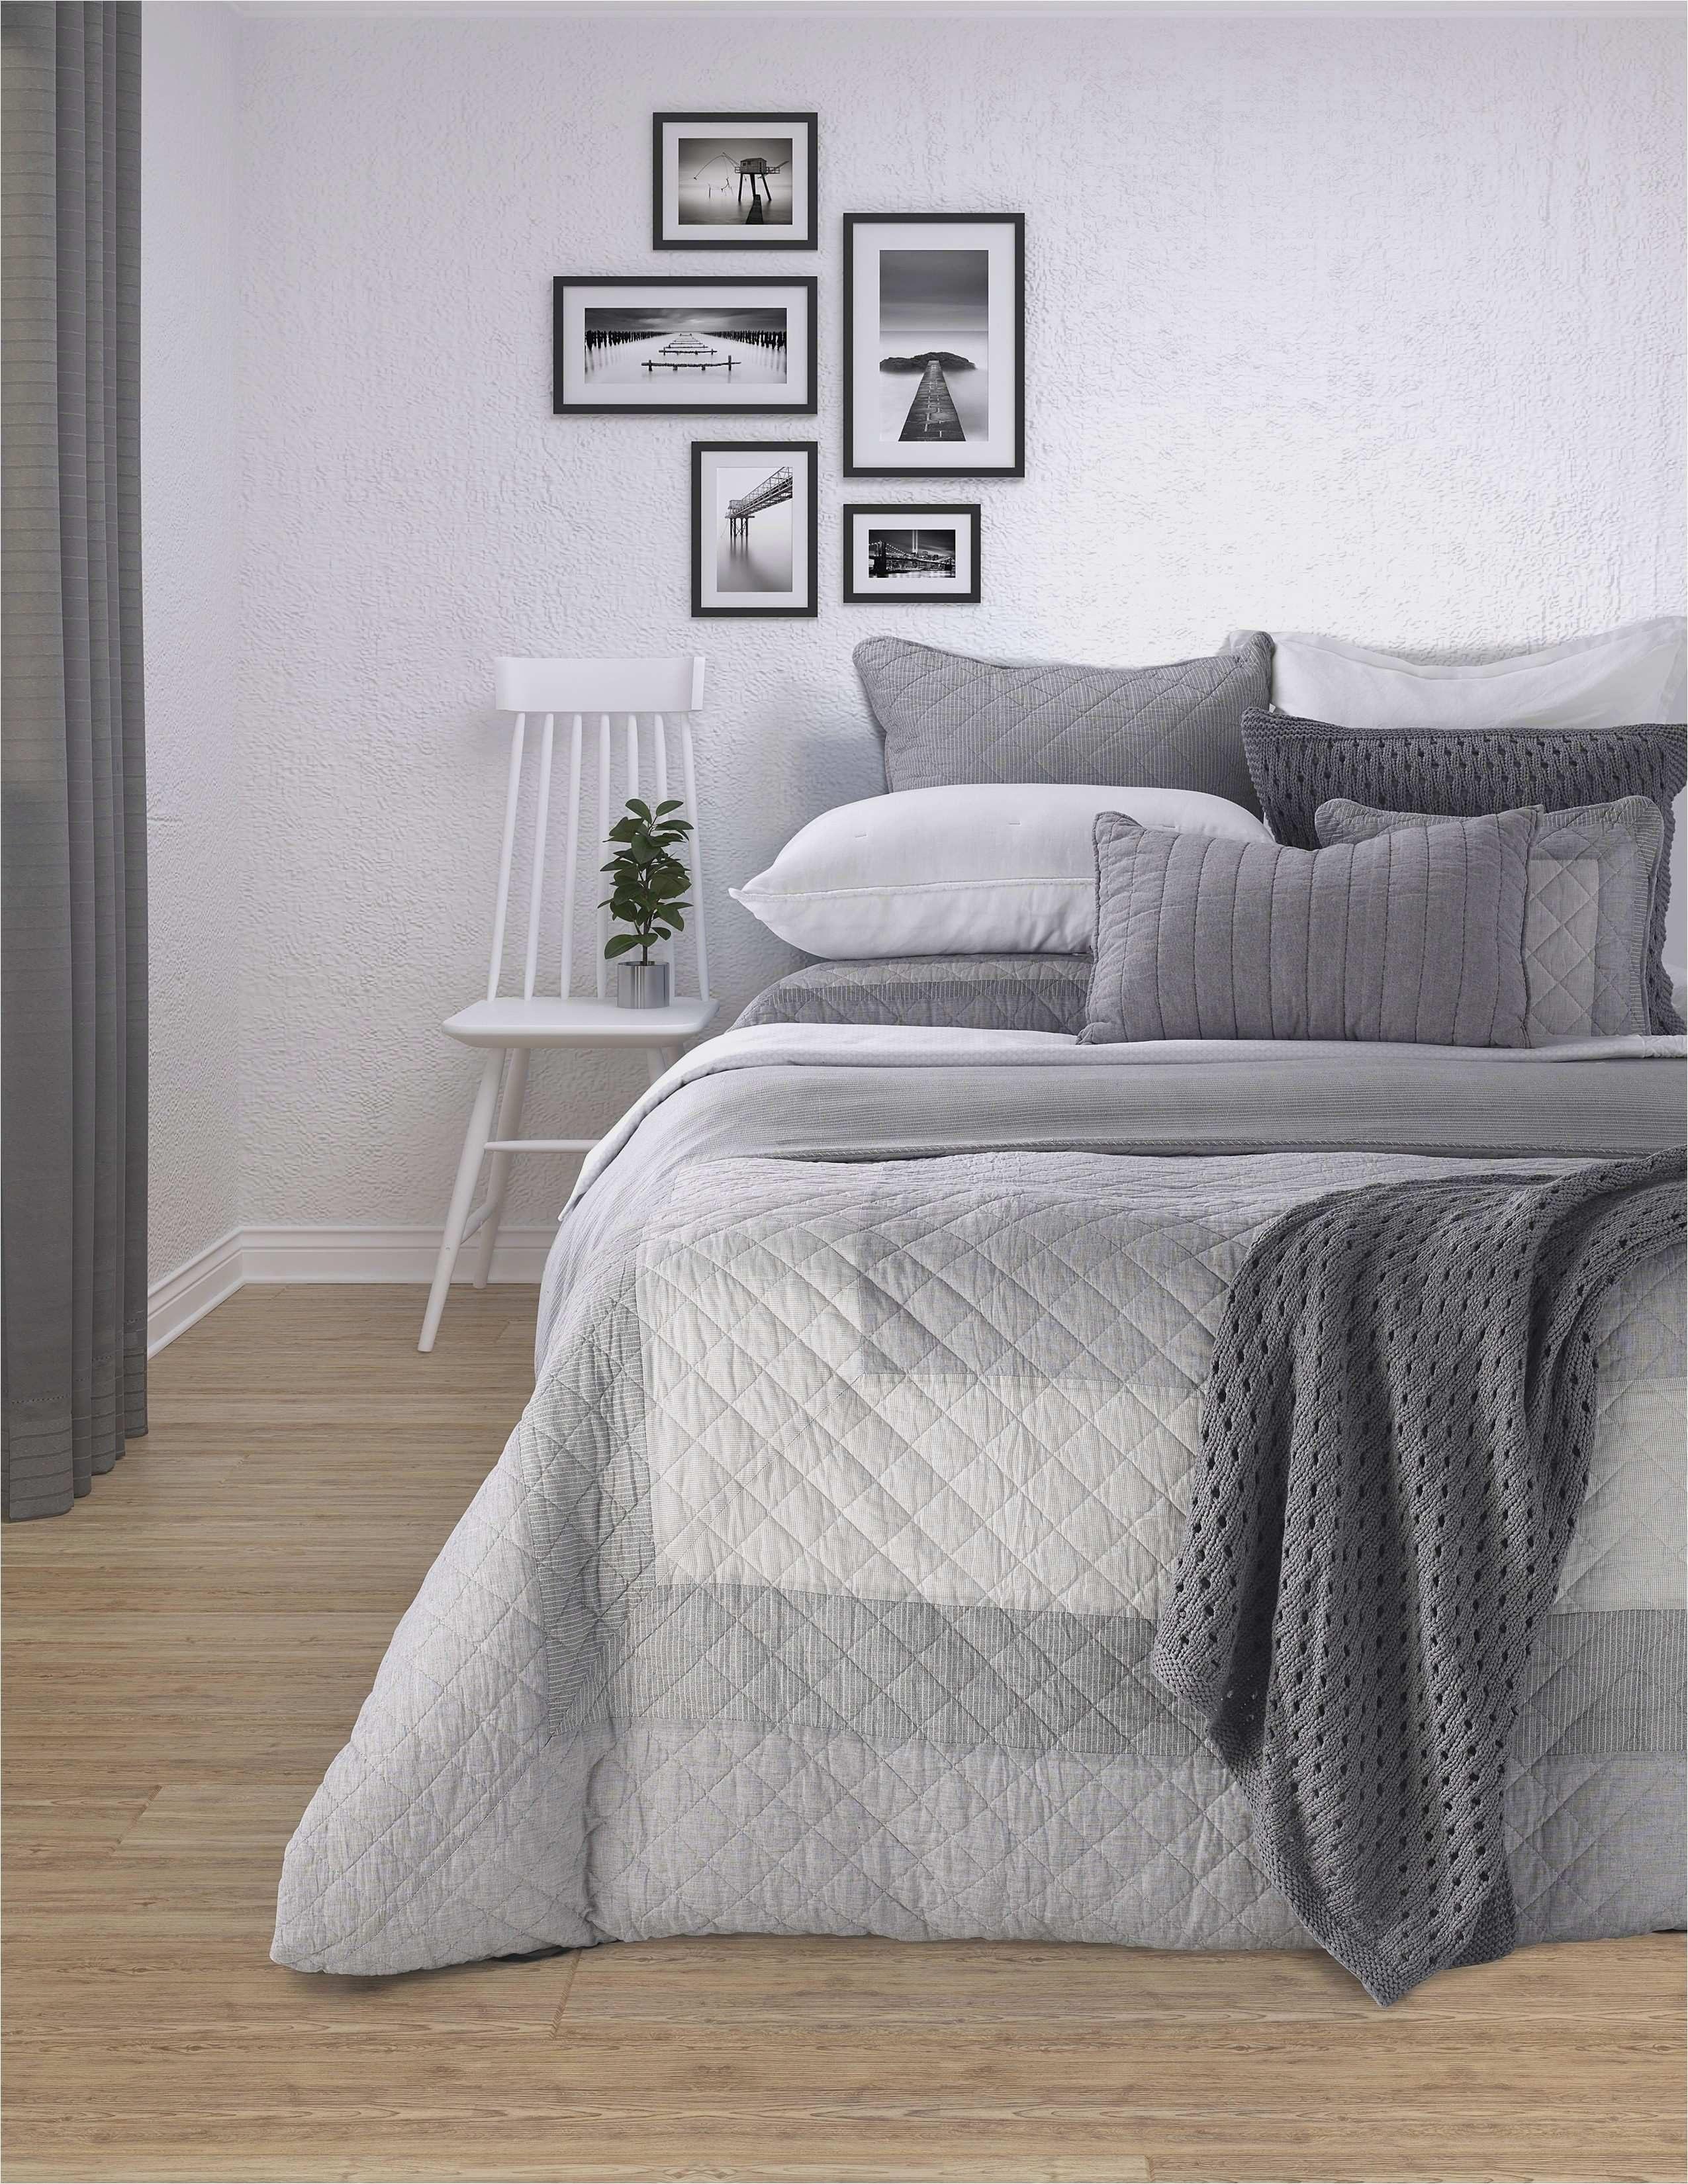 Lit 160×200 Cdiscount Inspirant Couette Lit 19 Nouveau Stock De Couette Pour Lit 160—200 Ikea